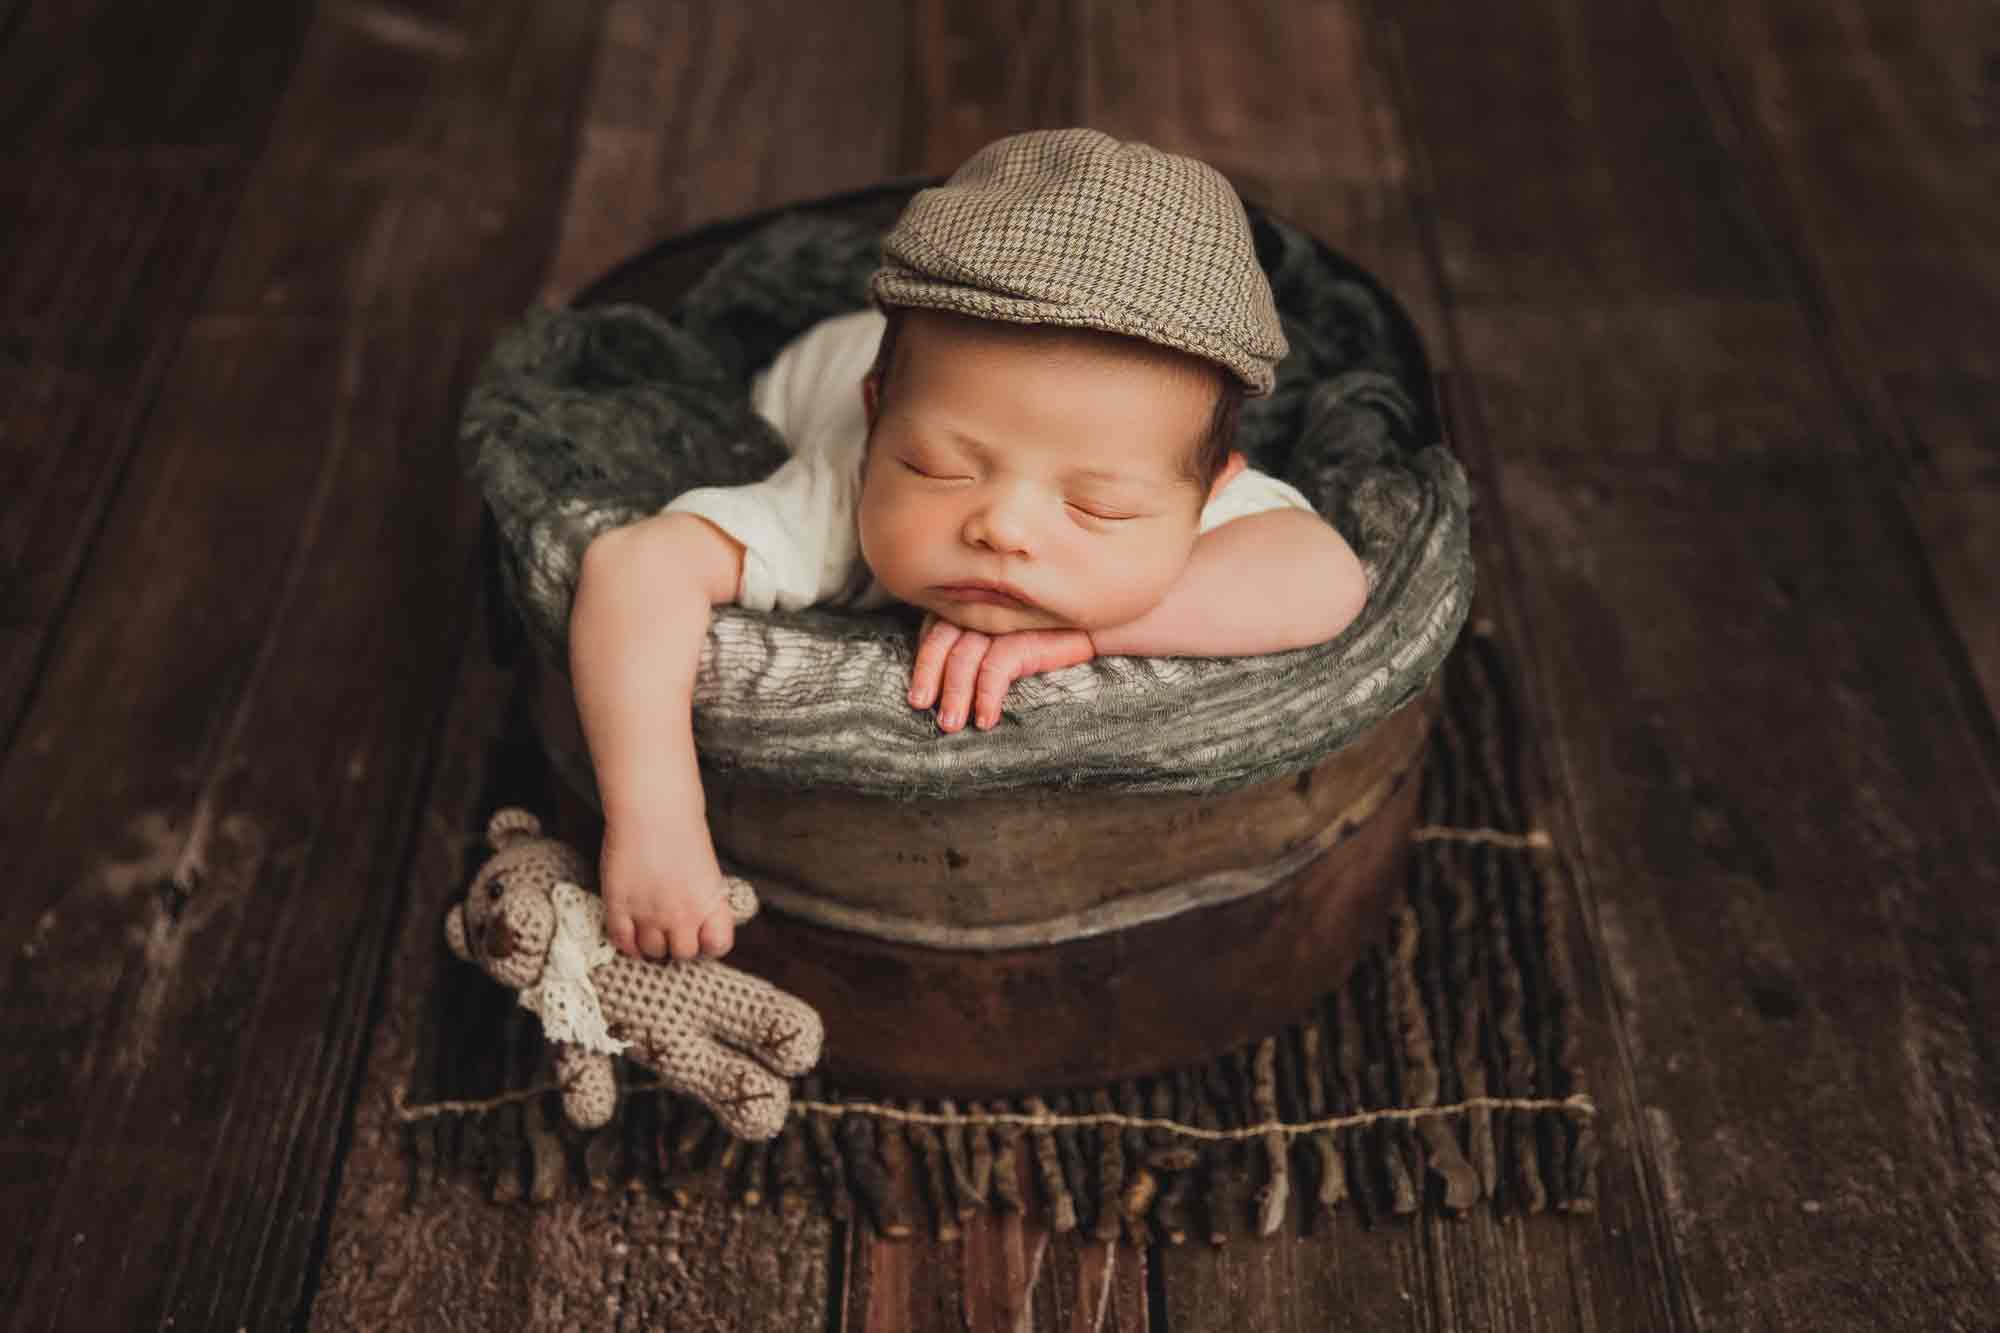 sergio-moreno-fabrica-de-suenos--cursos-de-fotografia-de-recien-nacidos-newborns-fotofest15